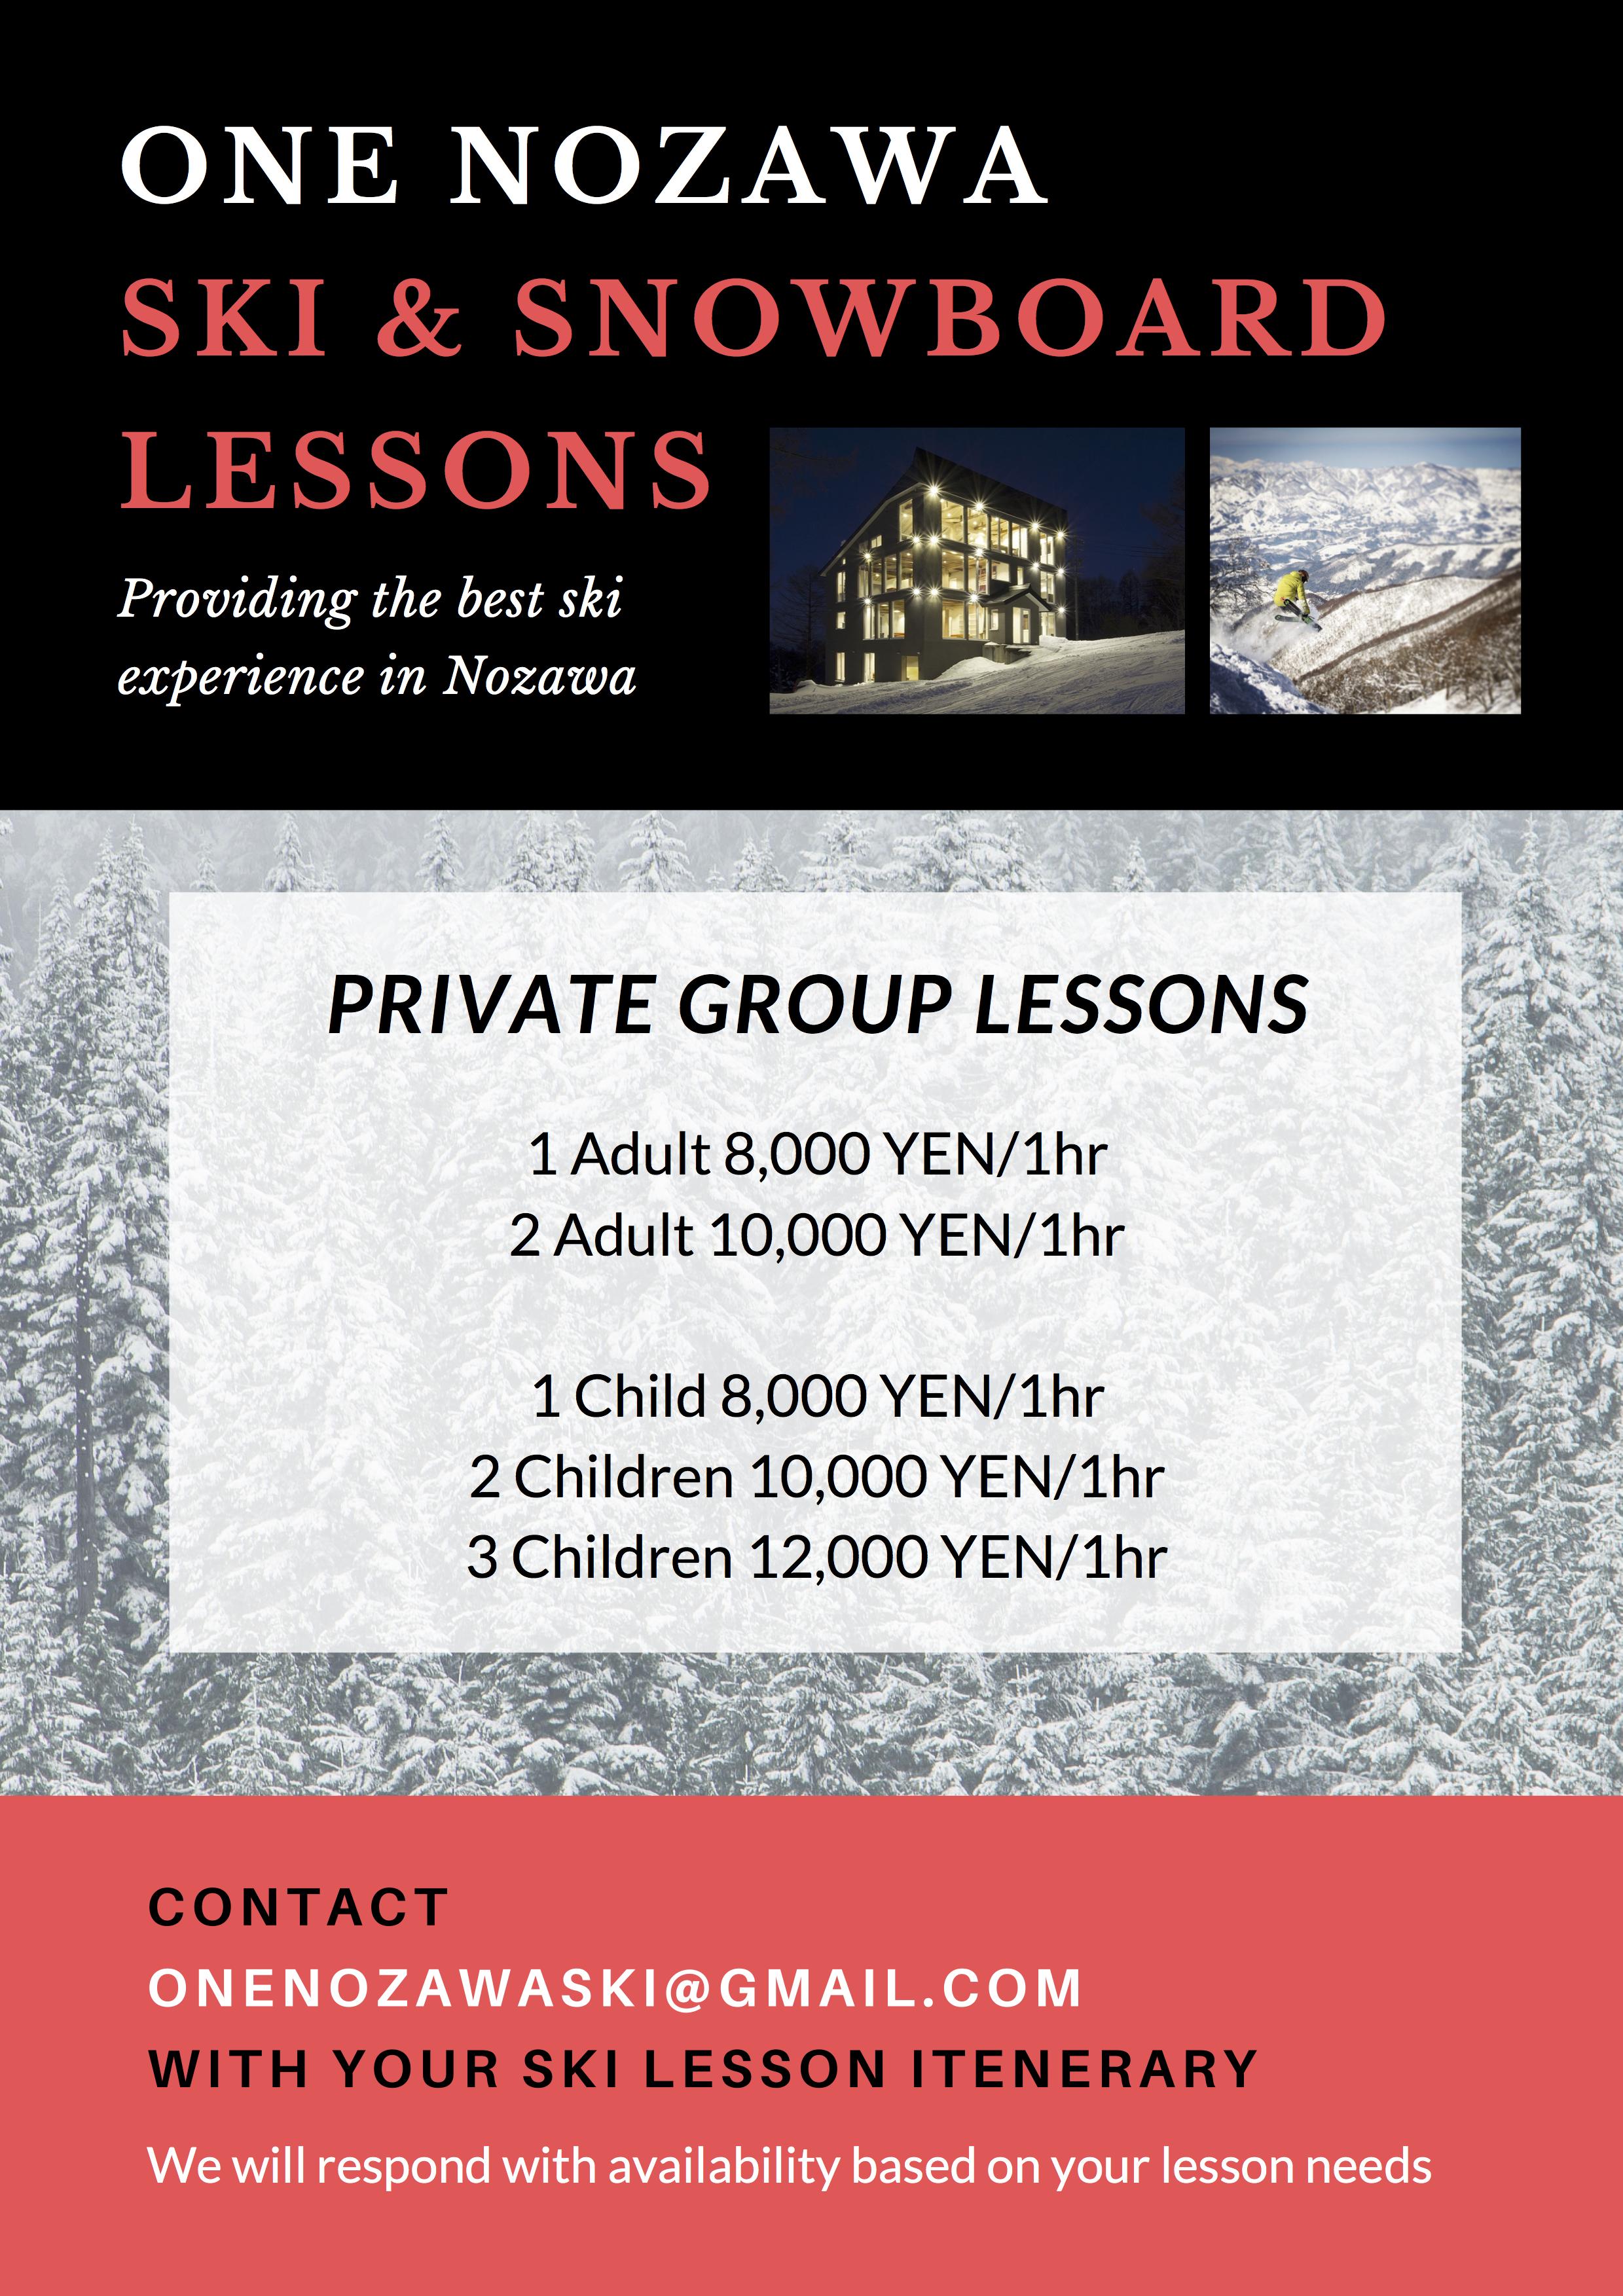 One Nozawa Ski Lessons.jpg